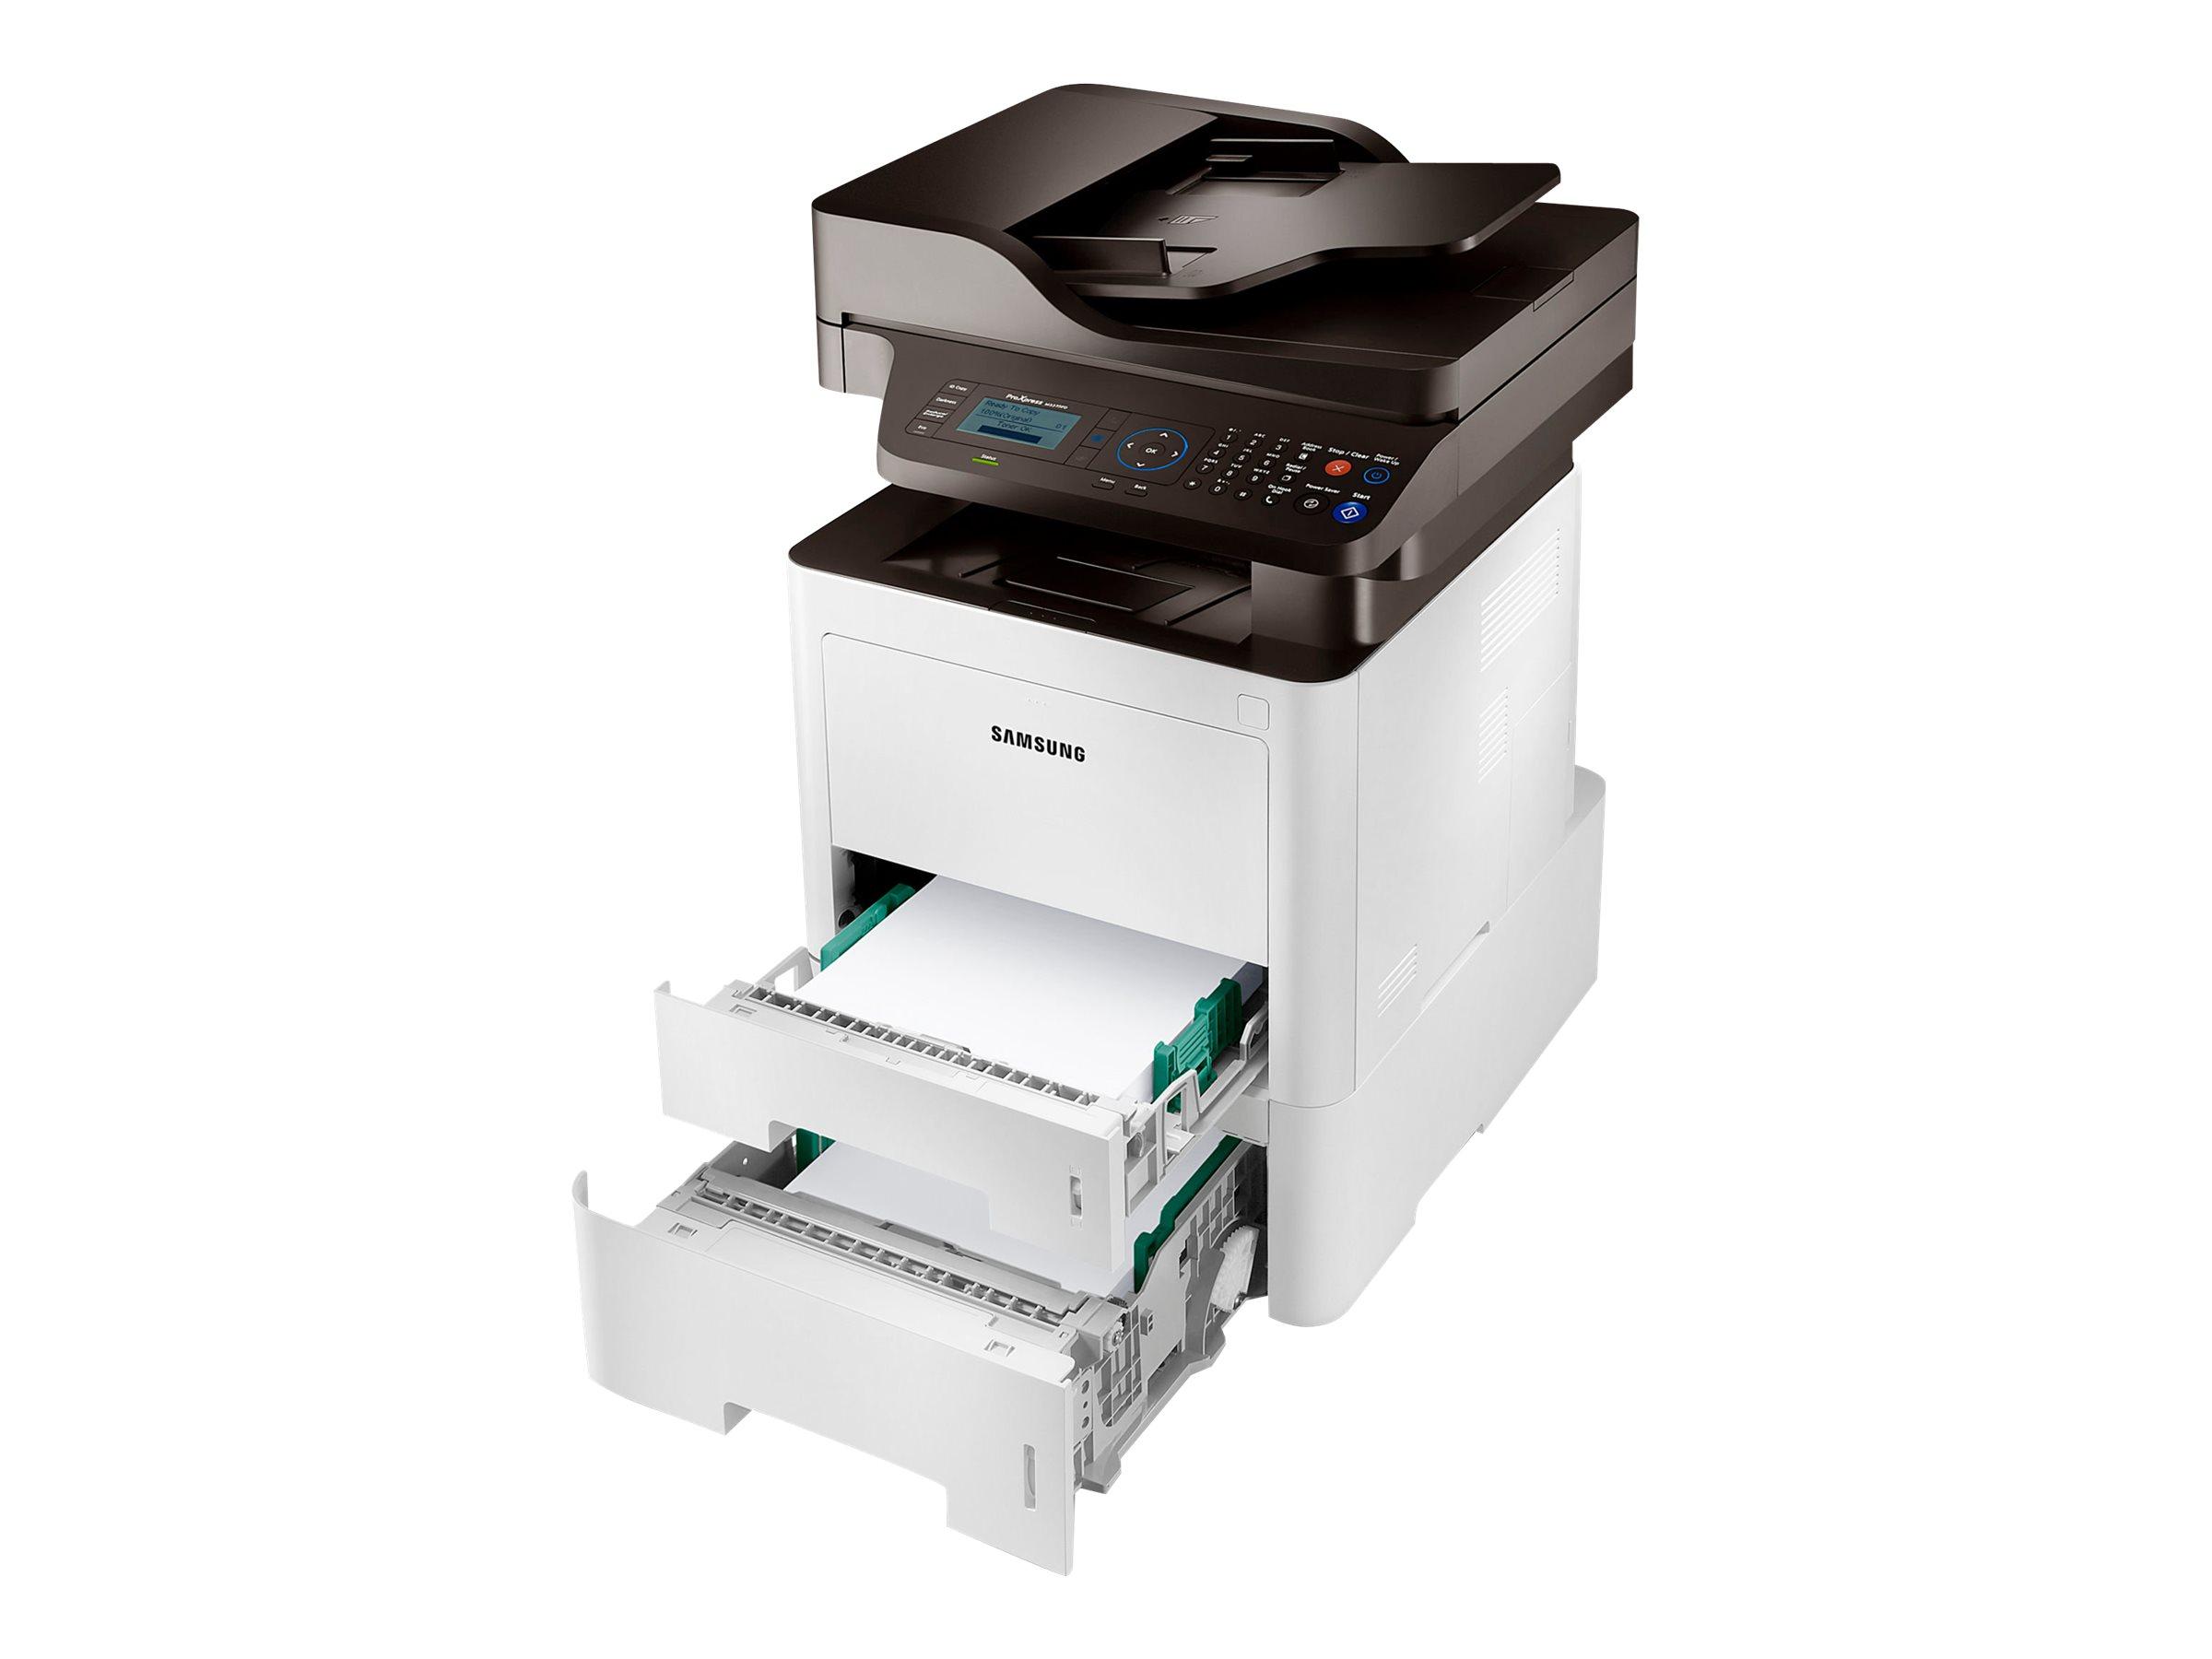 HP Samsung ProXpress SL-M3375FD - Multifunktionsdrucker - s/w - Laser - Legal (216 x 356 mm)